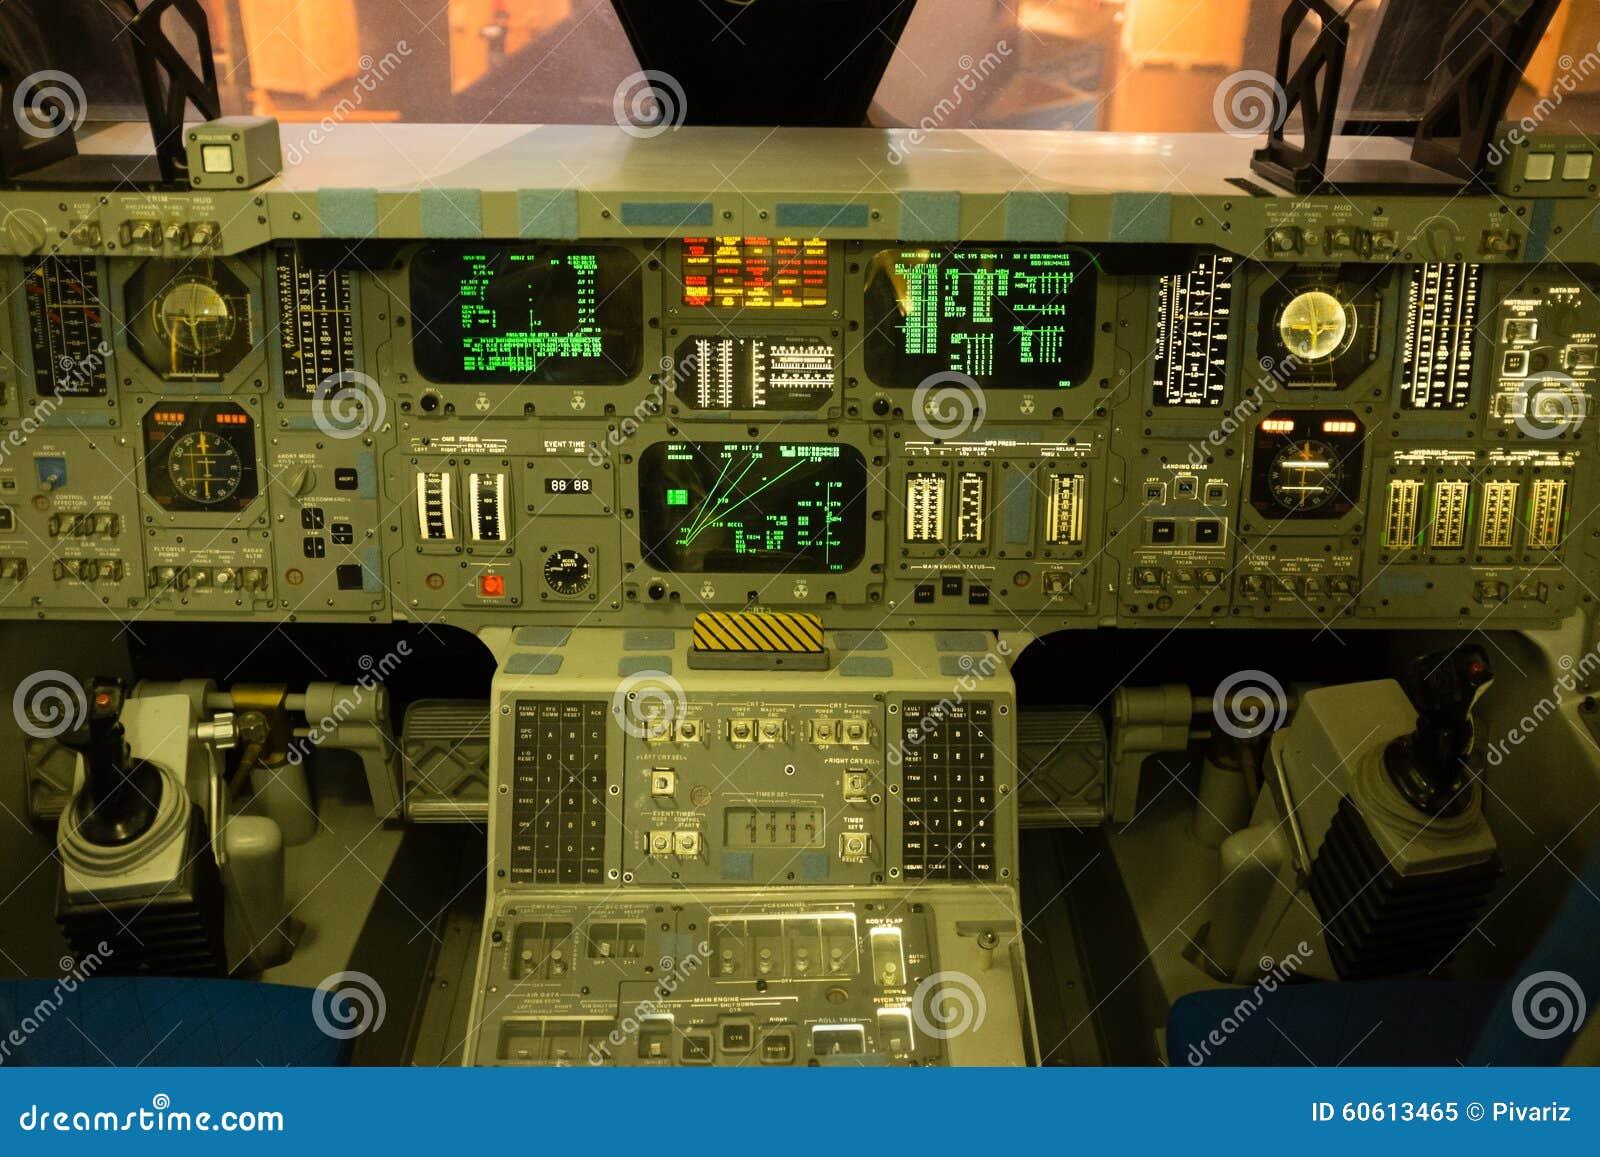 space shuttle original cockpit - photo #5